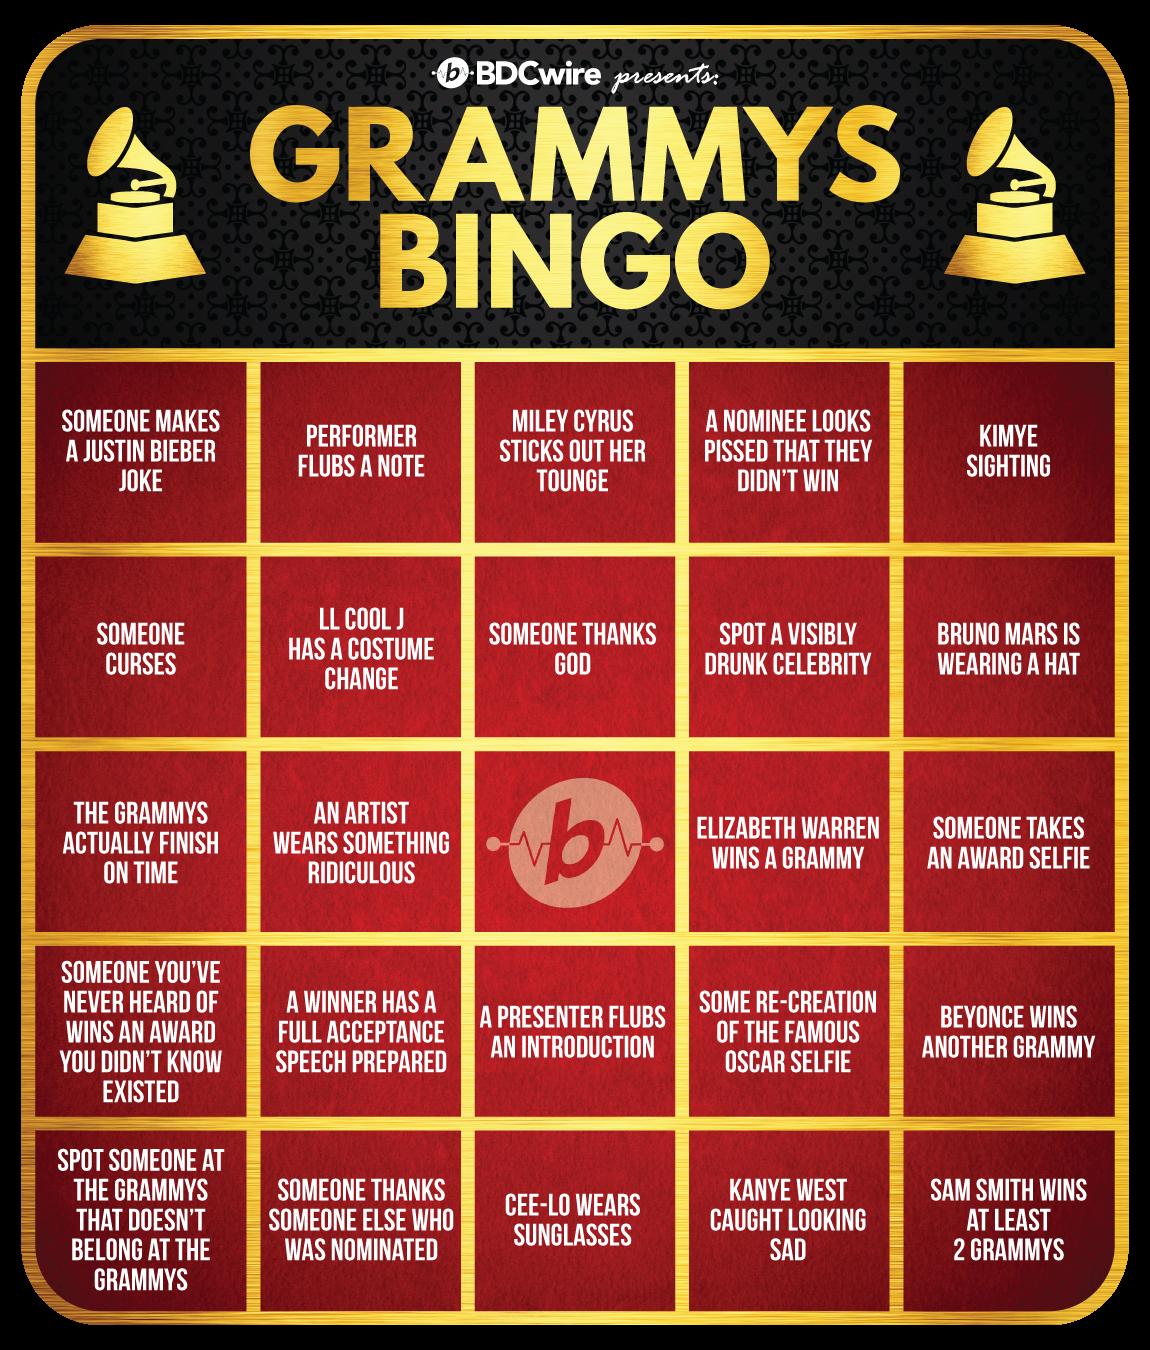 grammy_bingo2